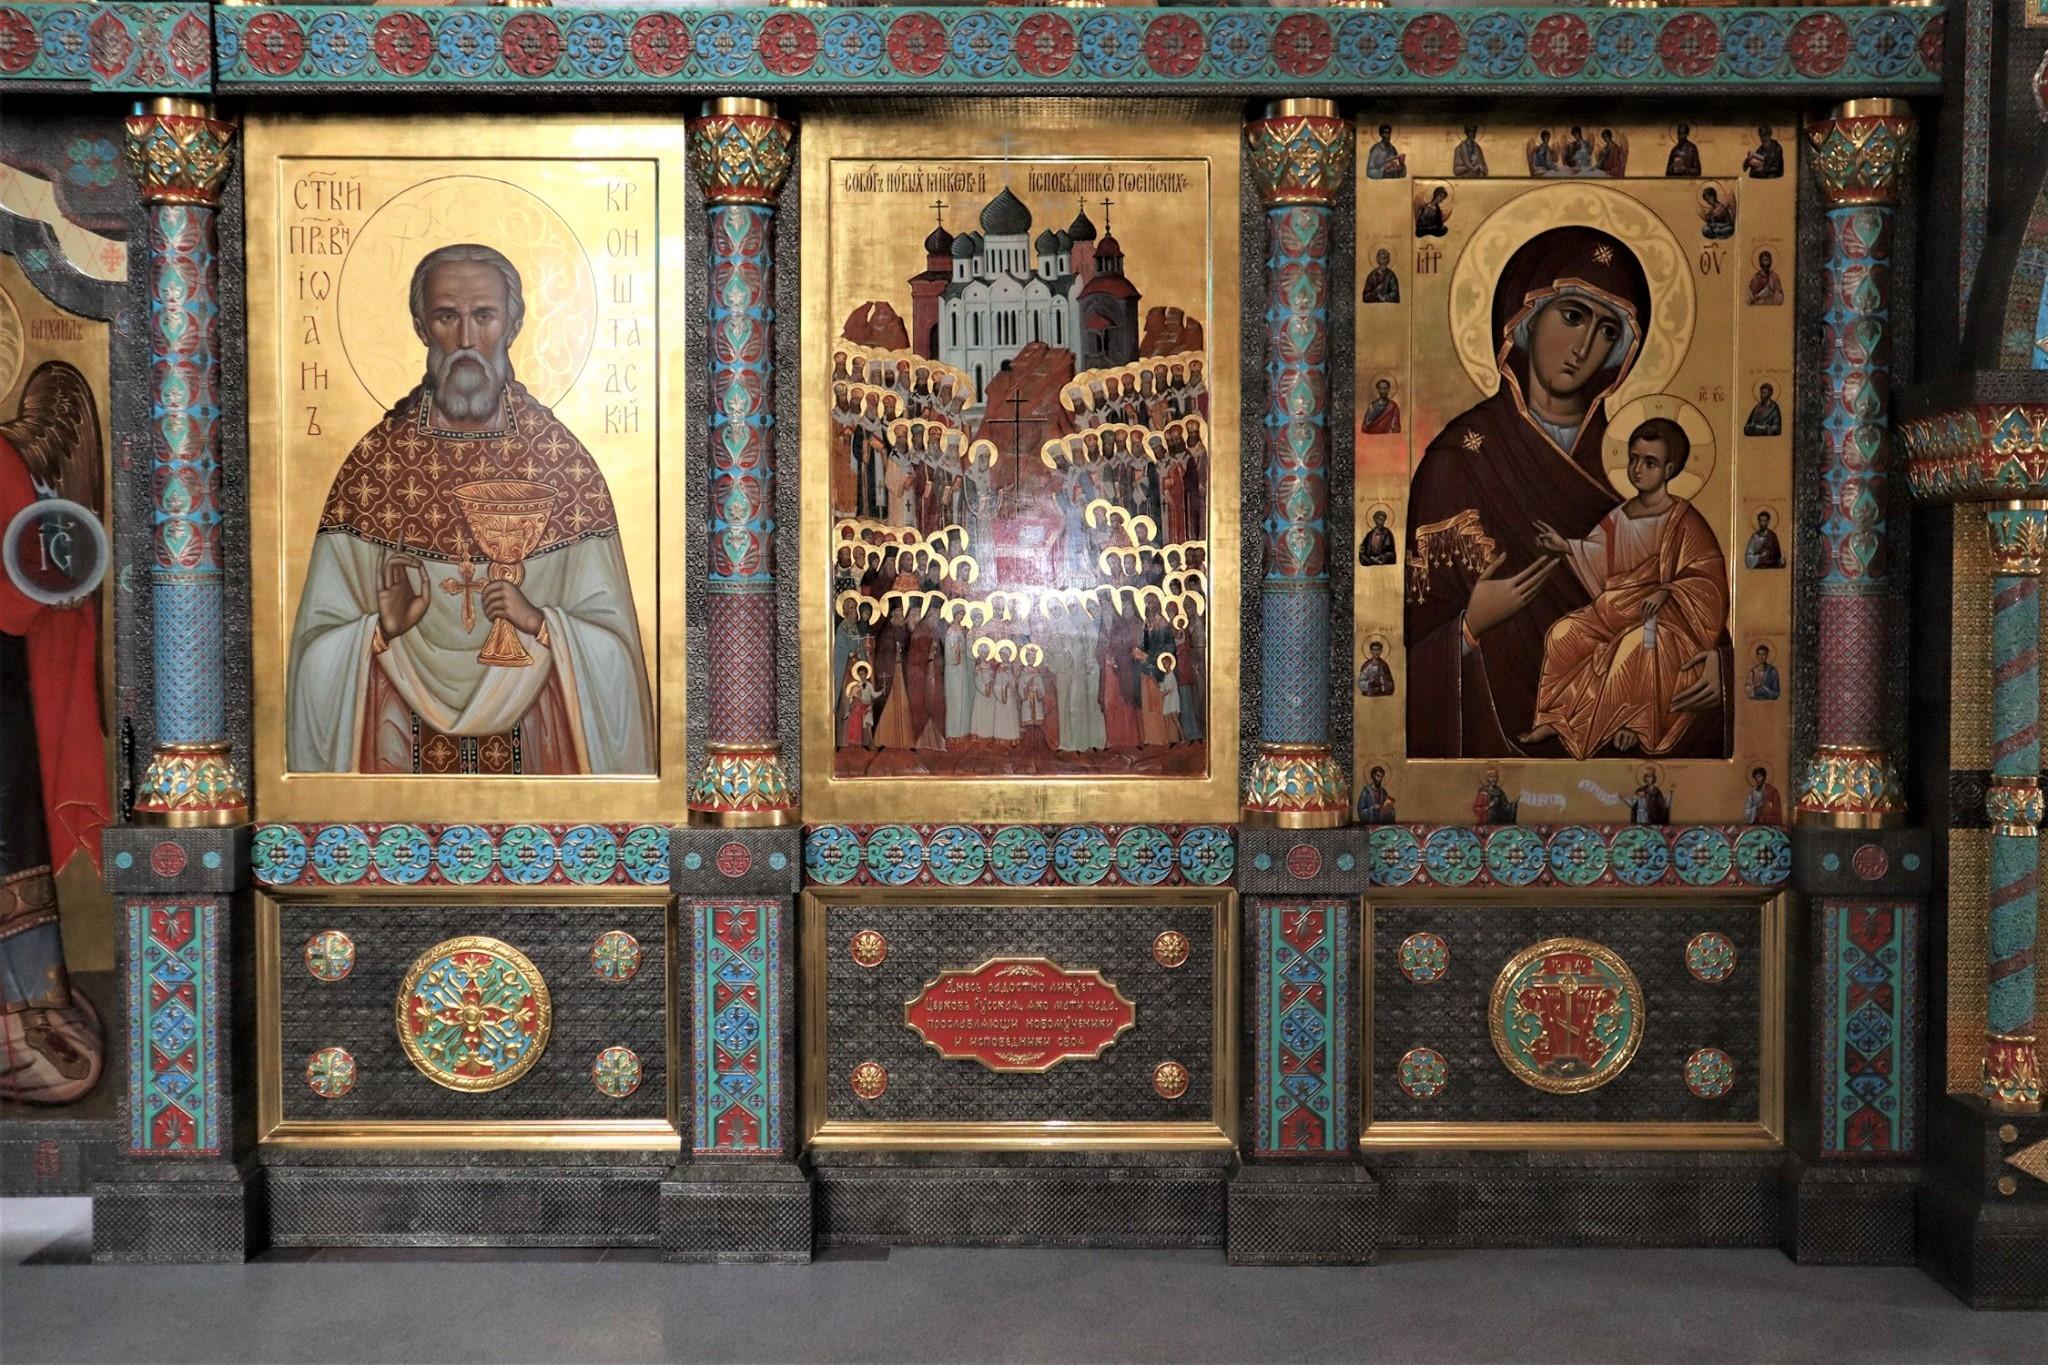 Иконостас в Храм Первосвятителей Москвоских в г. Москва (Горки Ленинские) 2020г.